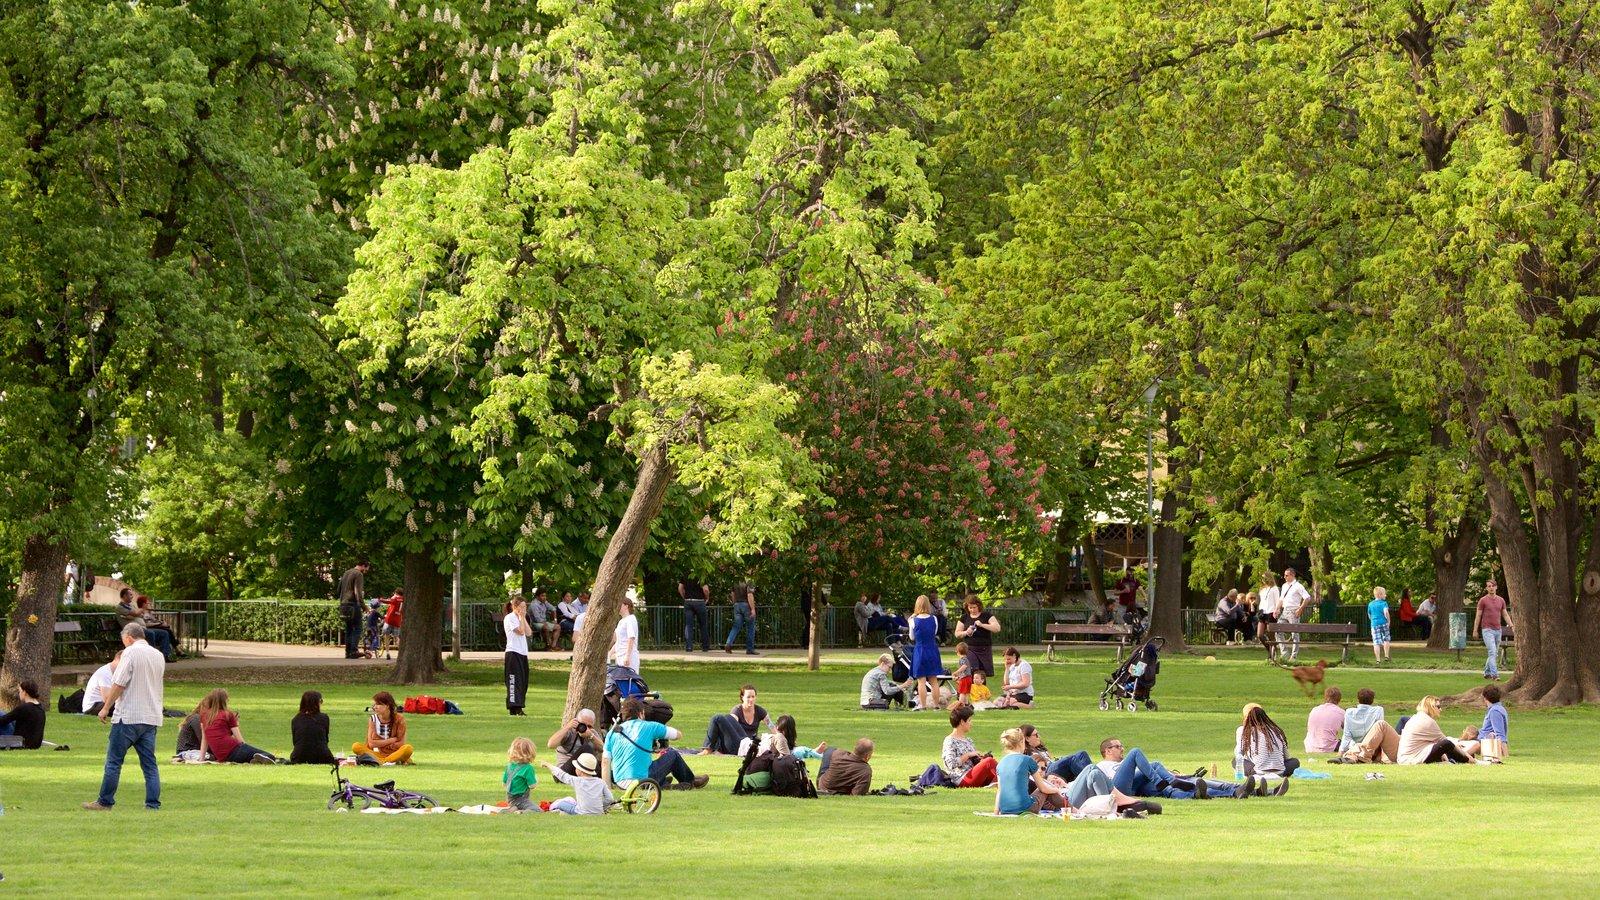 Fotos de parques y jardines ver im genes de parque kampa for Parques con jardines